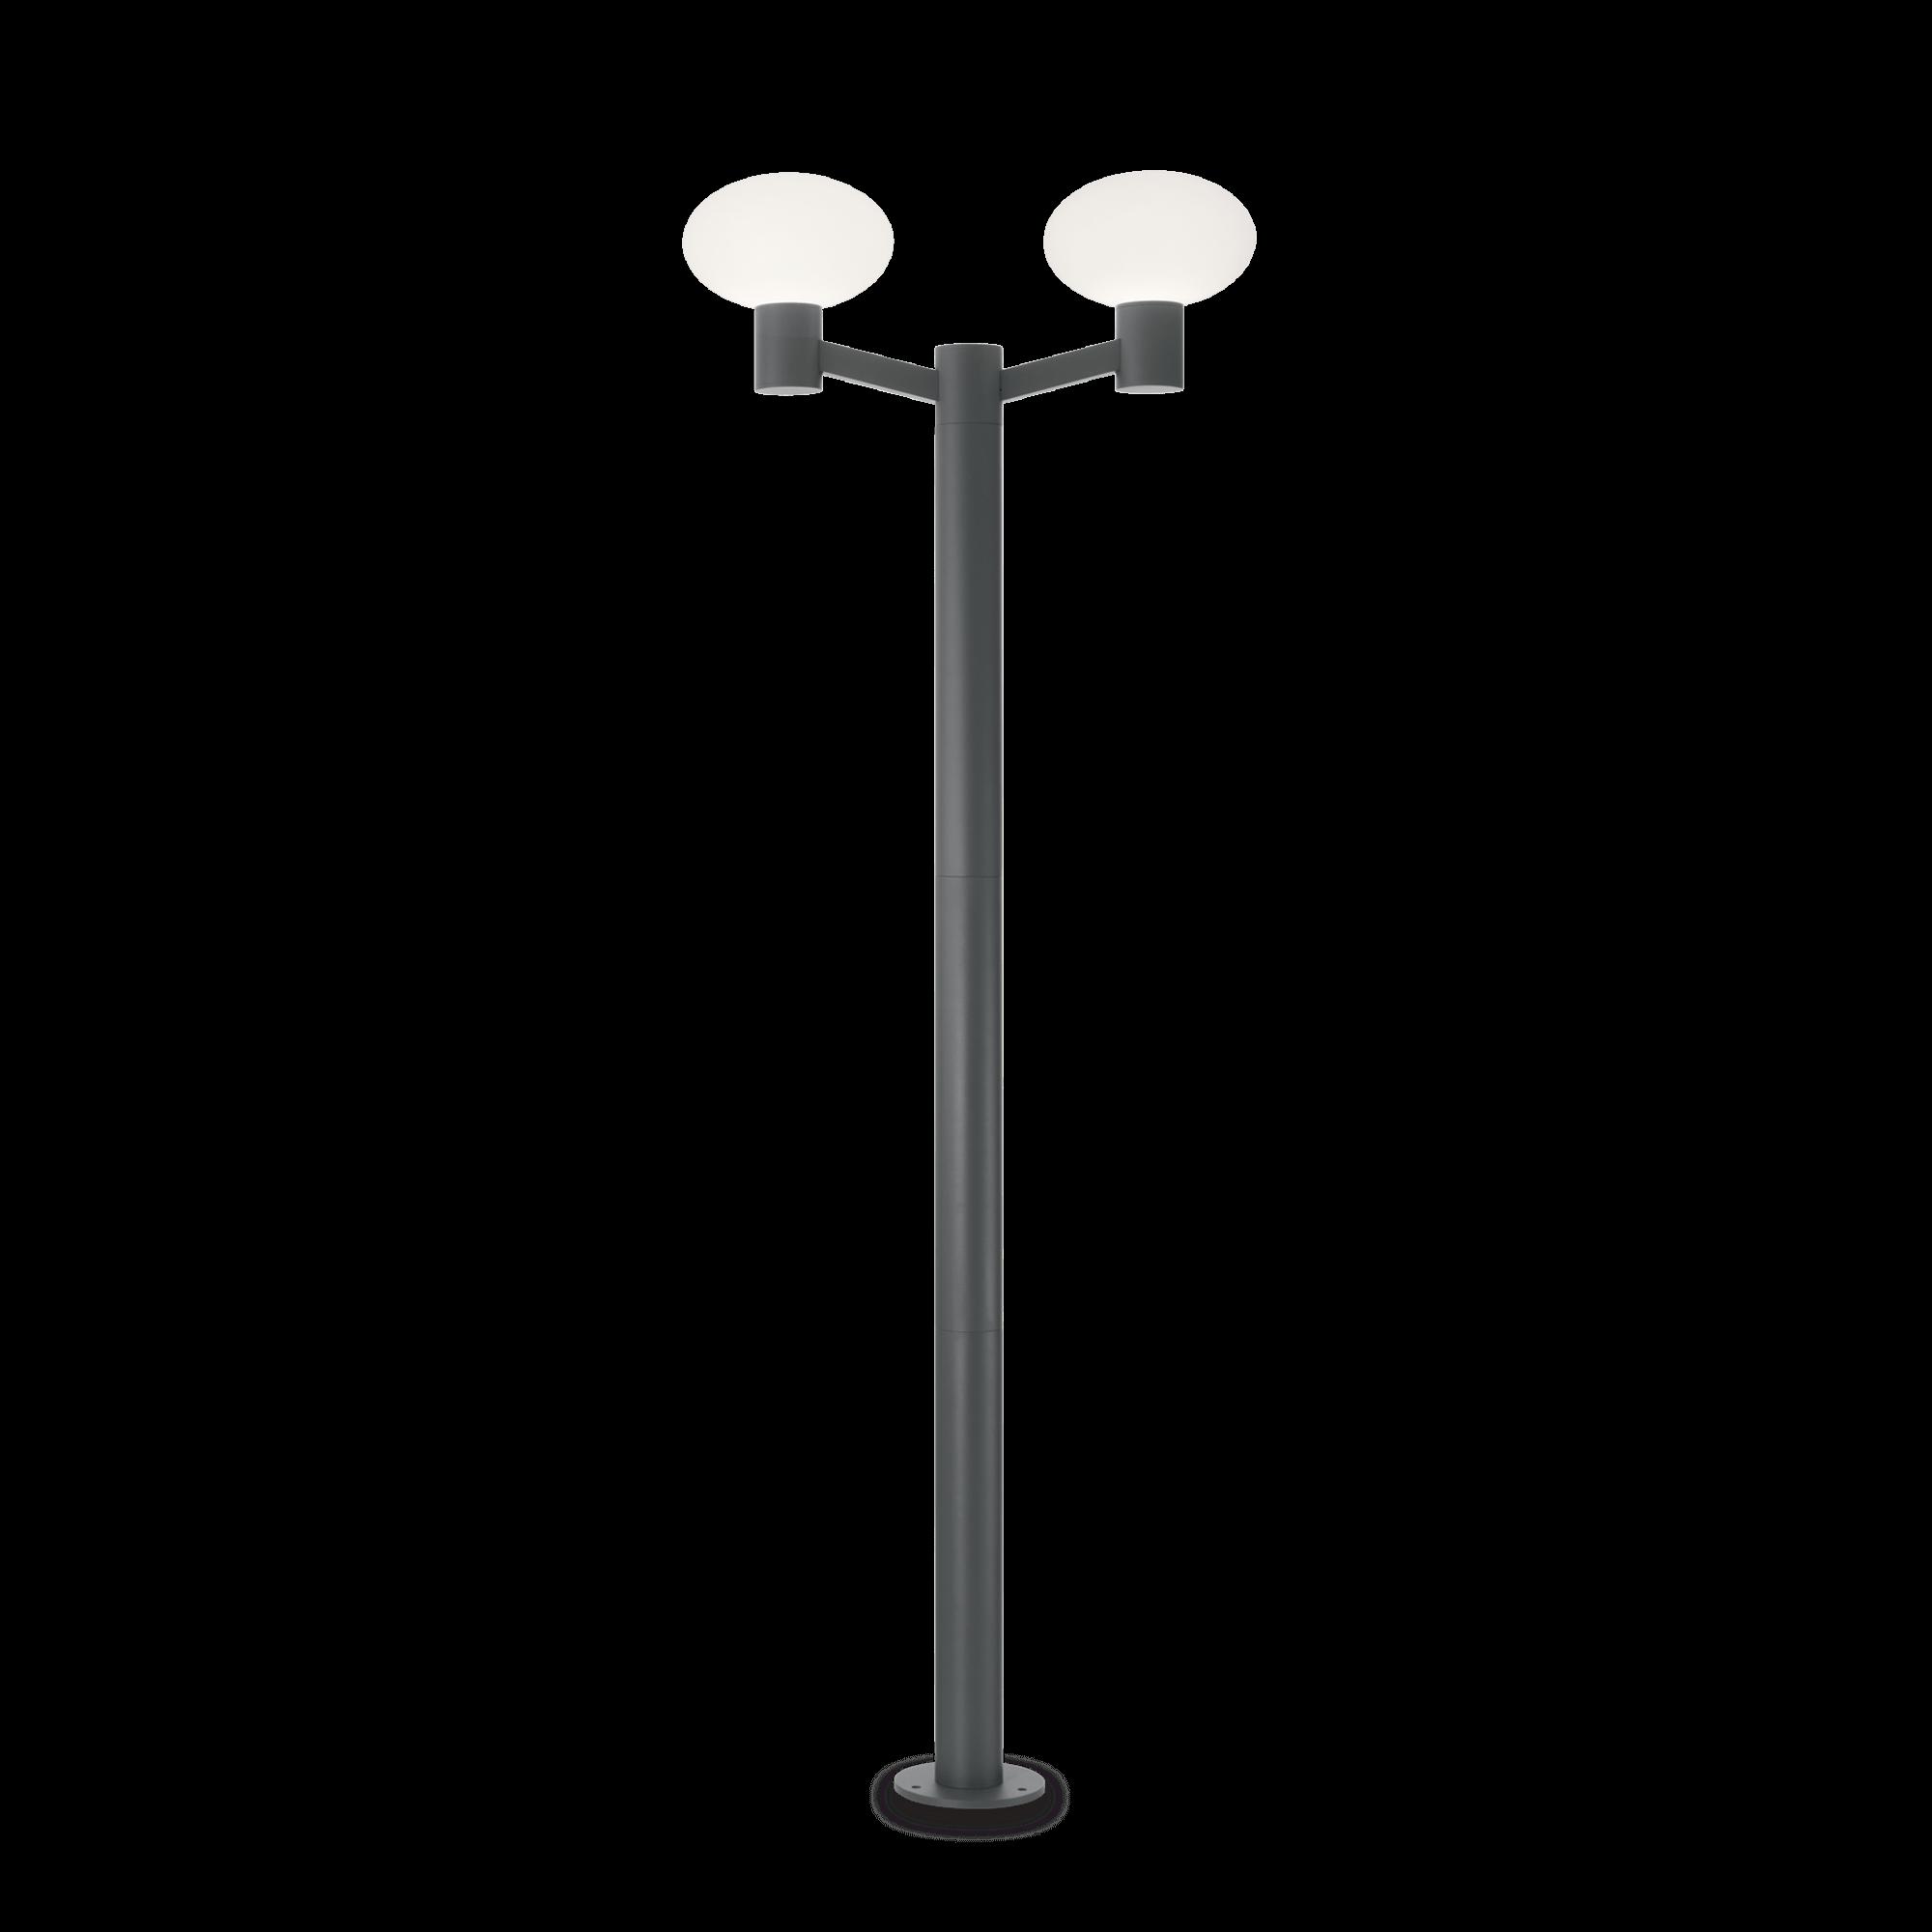 Ideal Lux 147383 ARMONY PT2 ANTRACITE kültéri állólámpa